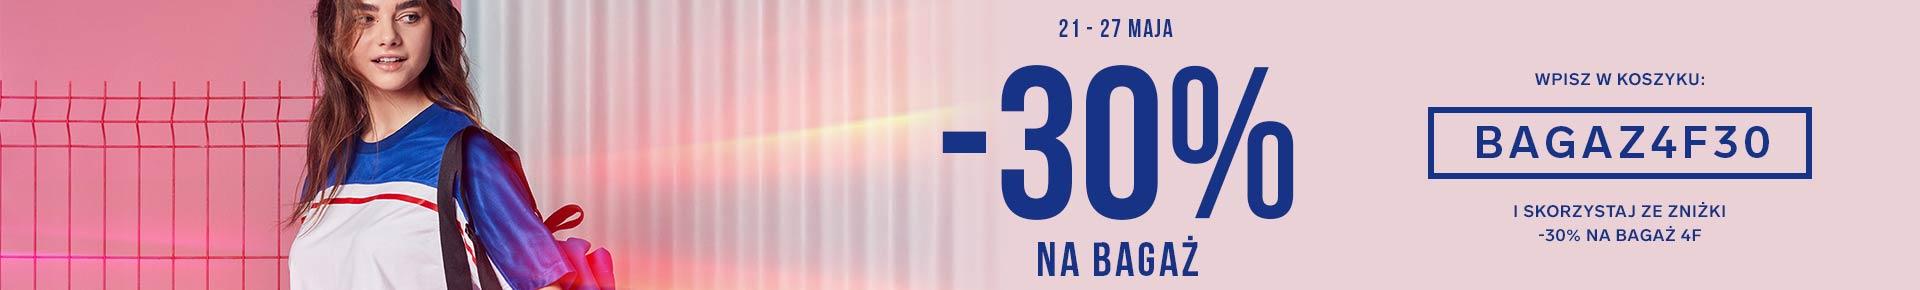 Bagaż -30%